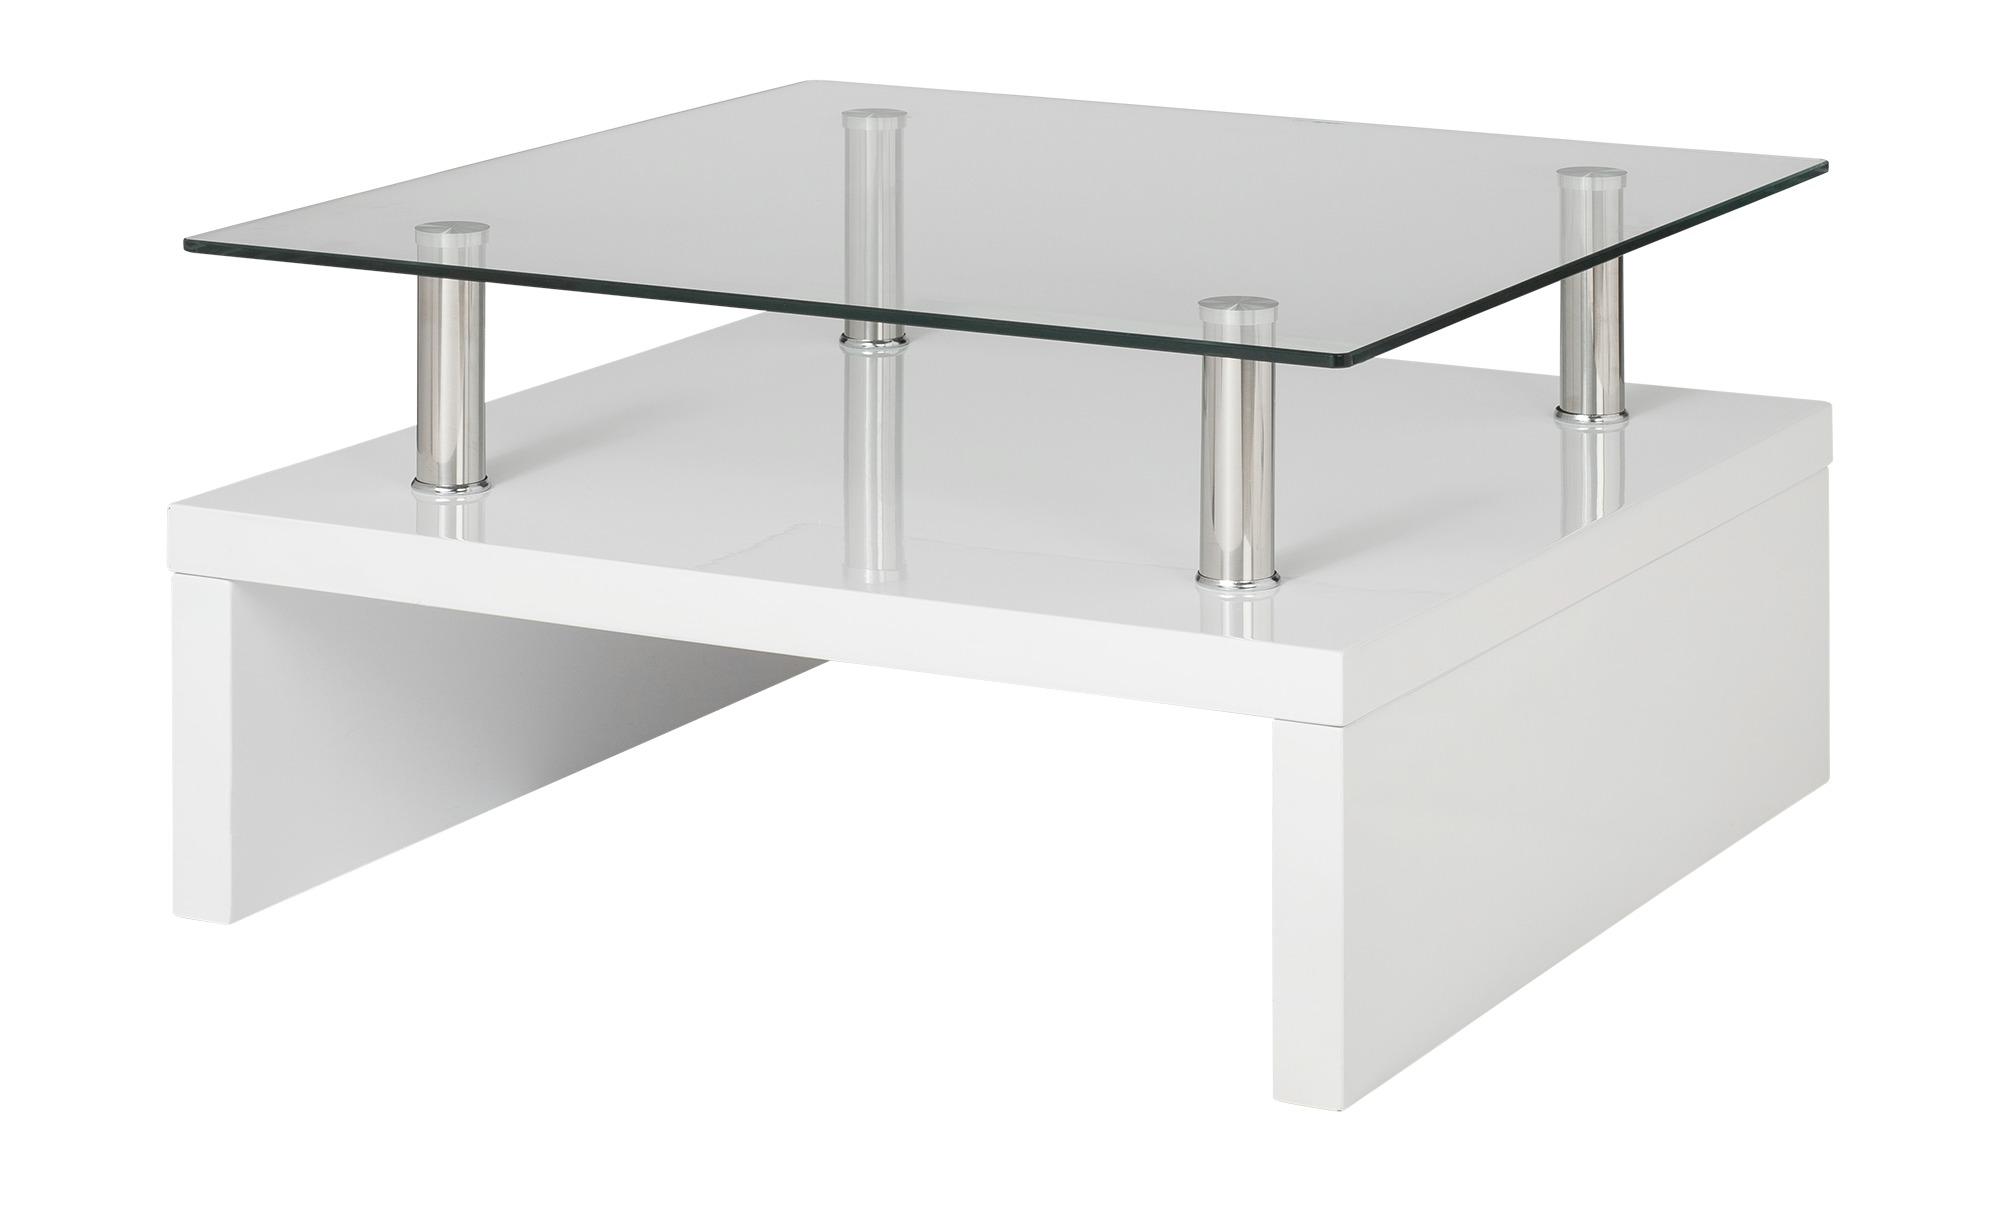 Couchtisch weiß Metall Glas, gefunden bei Möbel Kraft